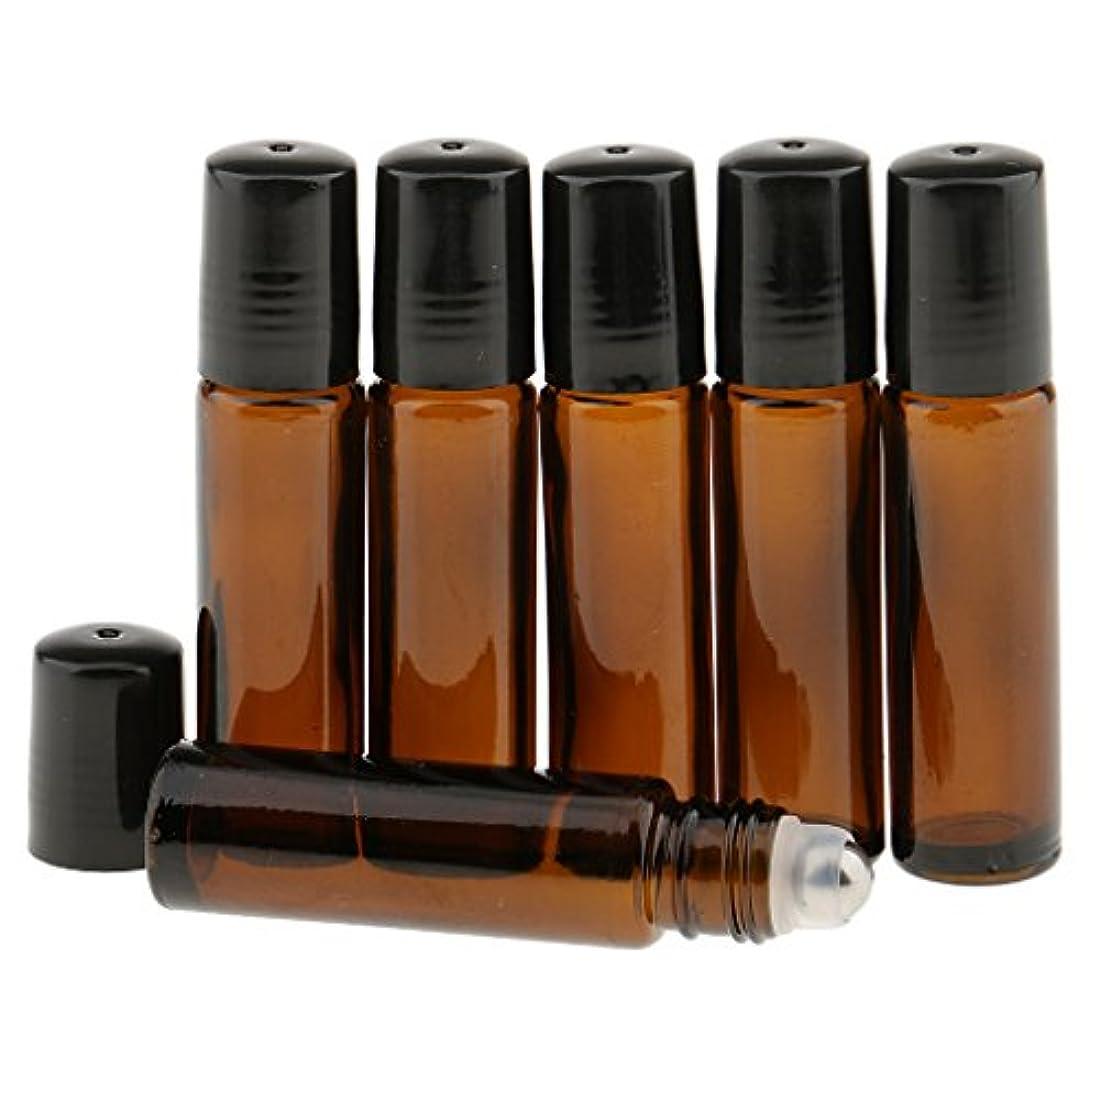 プラットフォームクマノミ激怒香水ボトル 6本 10ml ガラスロール 小分けボトル 漏れ防止 全4色 - ダークブラウン